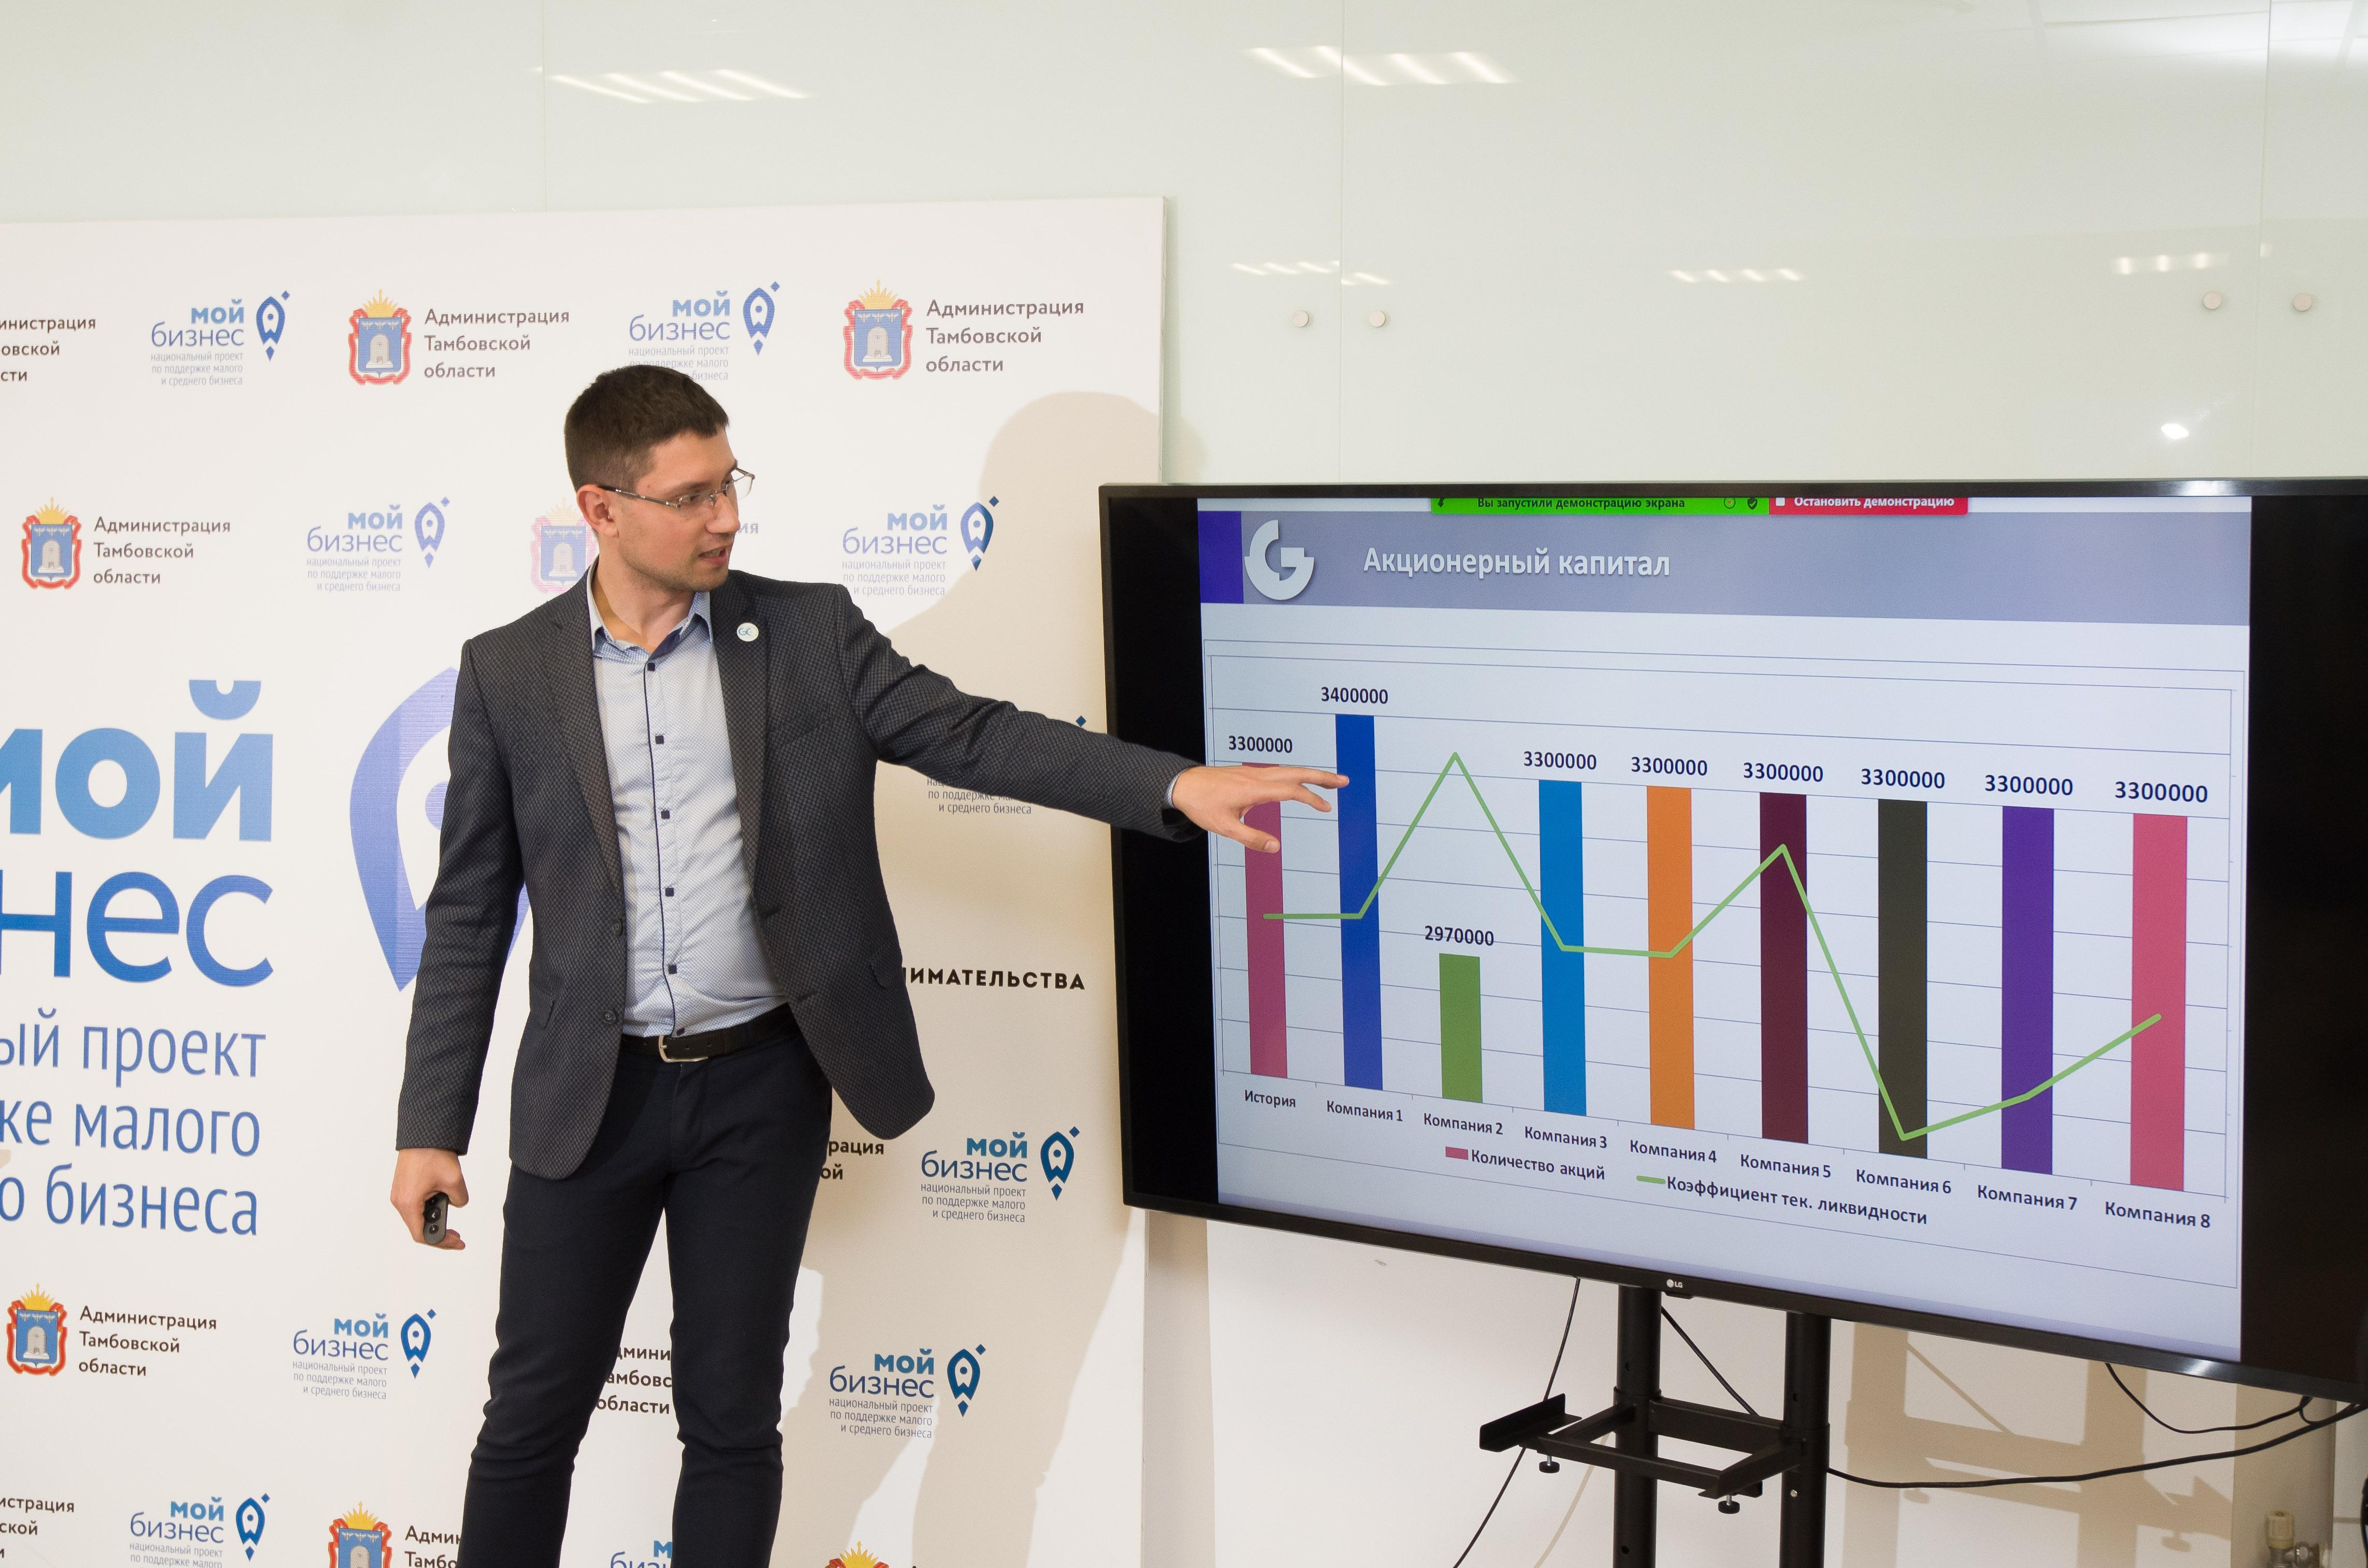 В Тамбове подвели итоги крупнейшего чемпионата по стратегии и управлению бизнесом